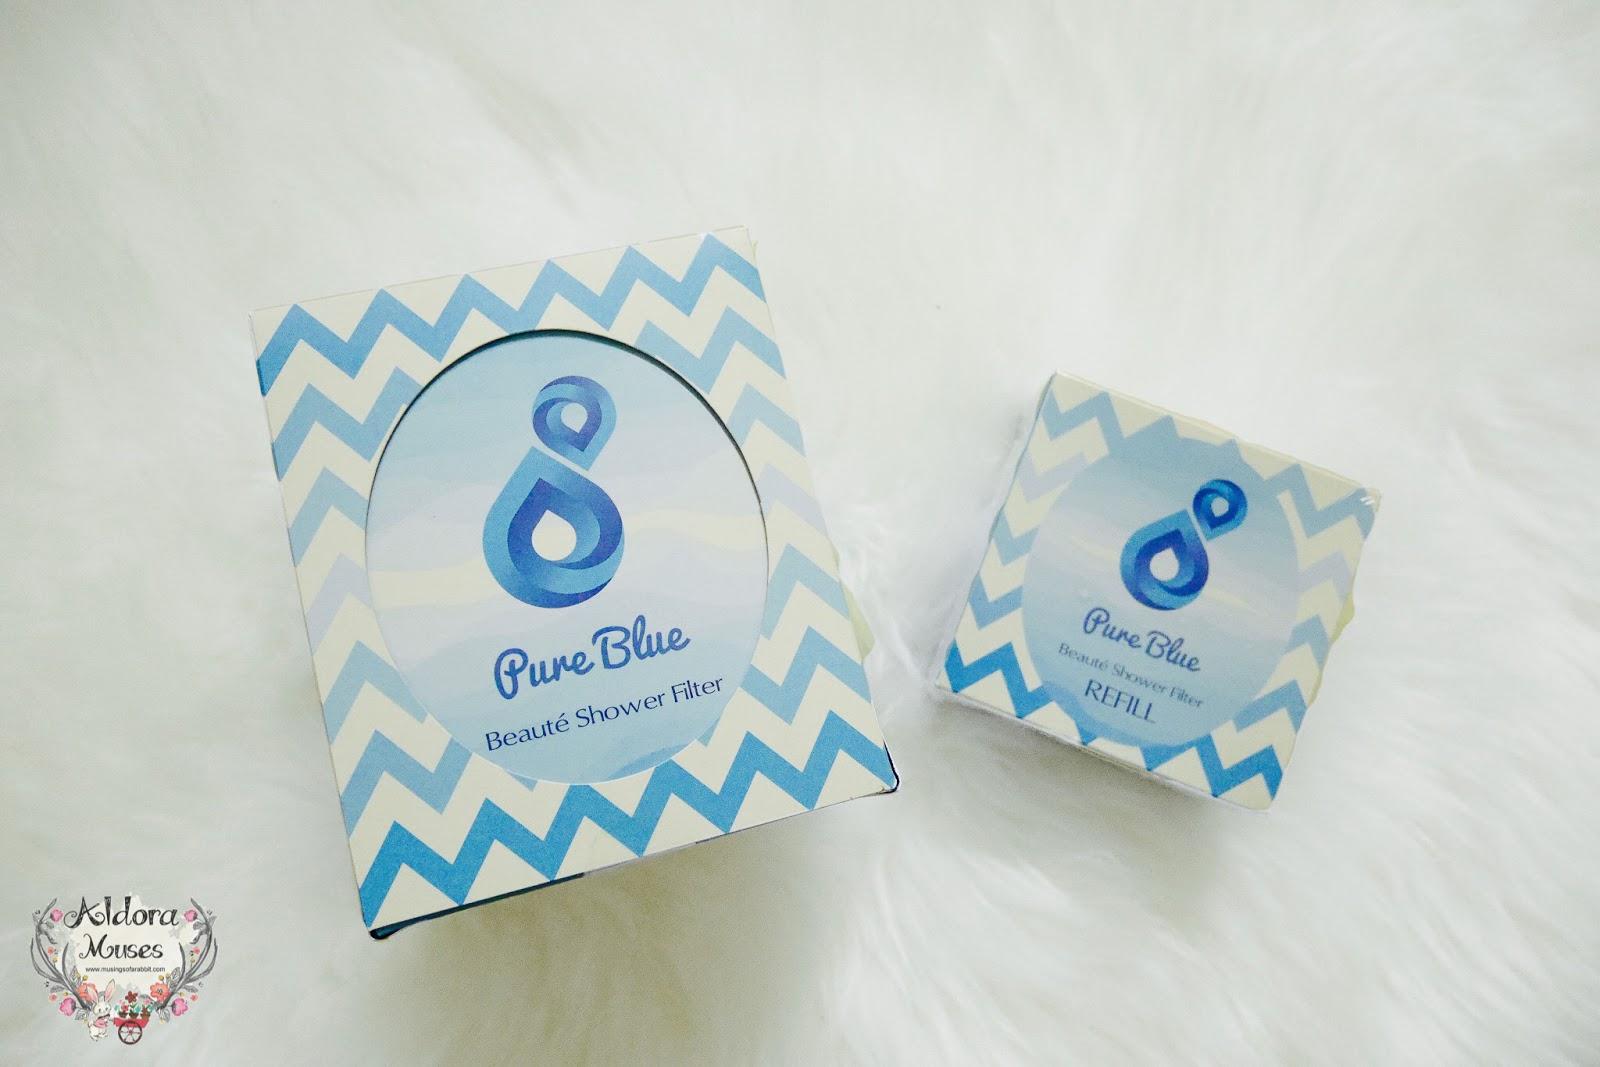 pure blue beaut shower filter review aldora muses. Black Bedroom Furniture Sets. Home Design Ideas